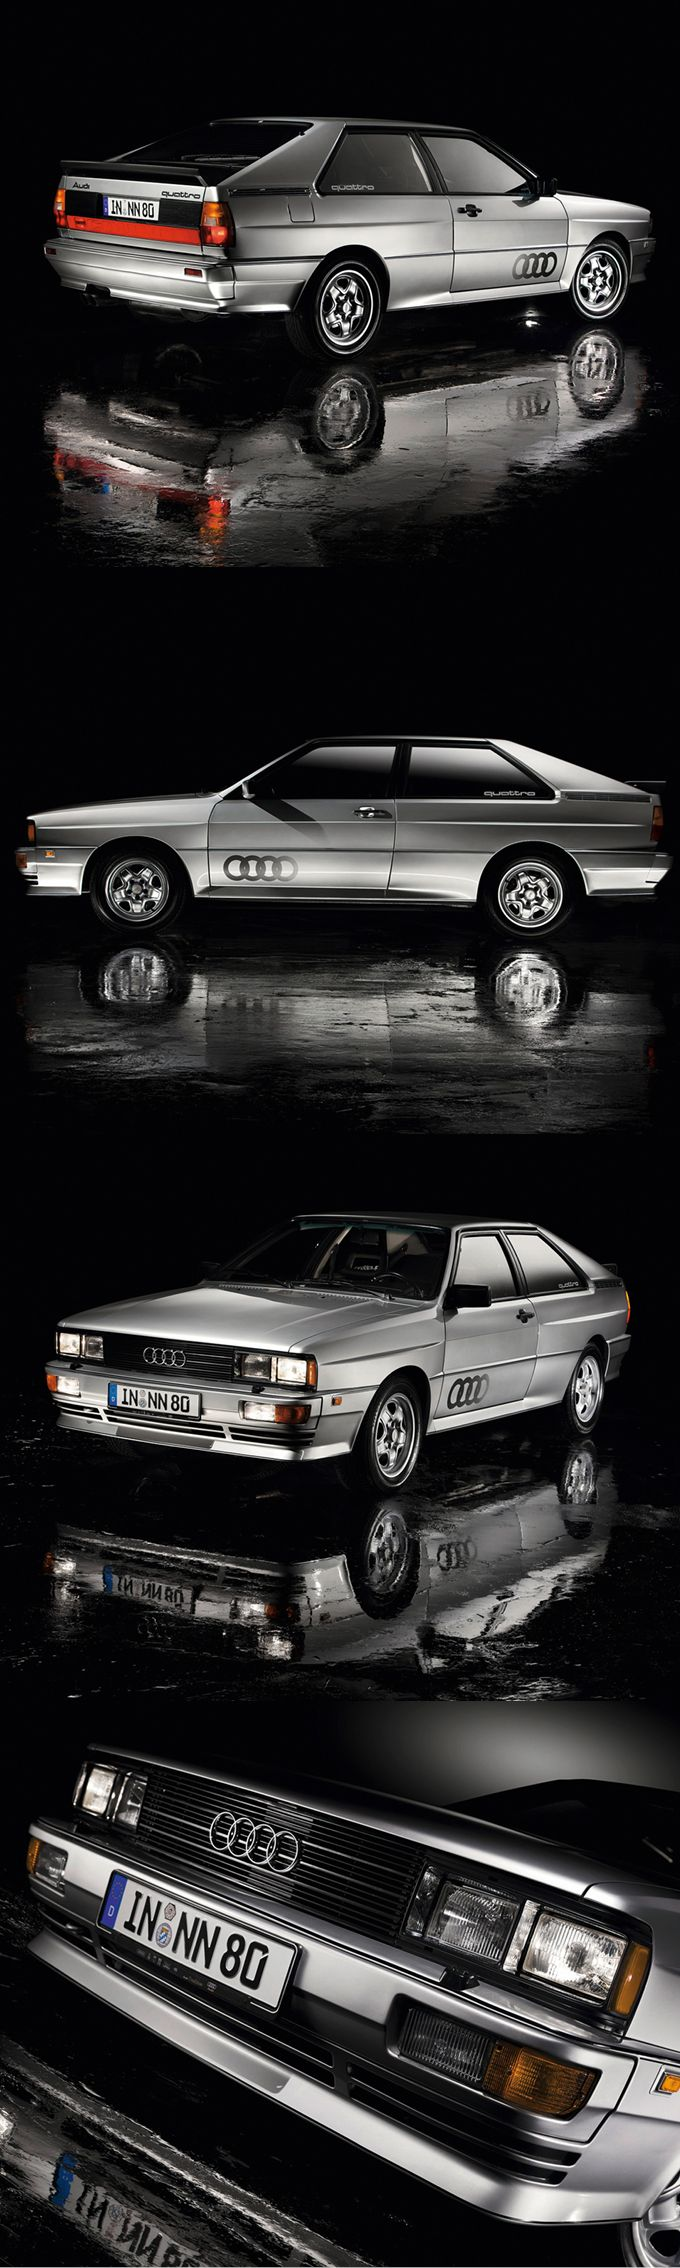 Dieses und weitere Luxusprodukte finden Sie auf der Webseite von Lusea.de 1980 Audi Quattro / 197hp 2.1l L5 / silver / Germany / Ur-Quattro